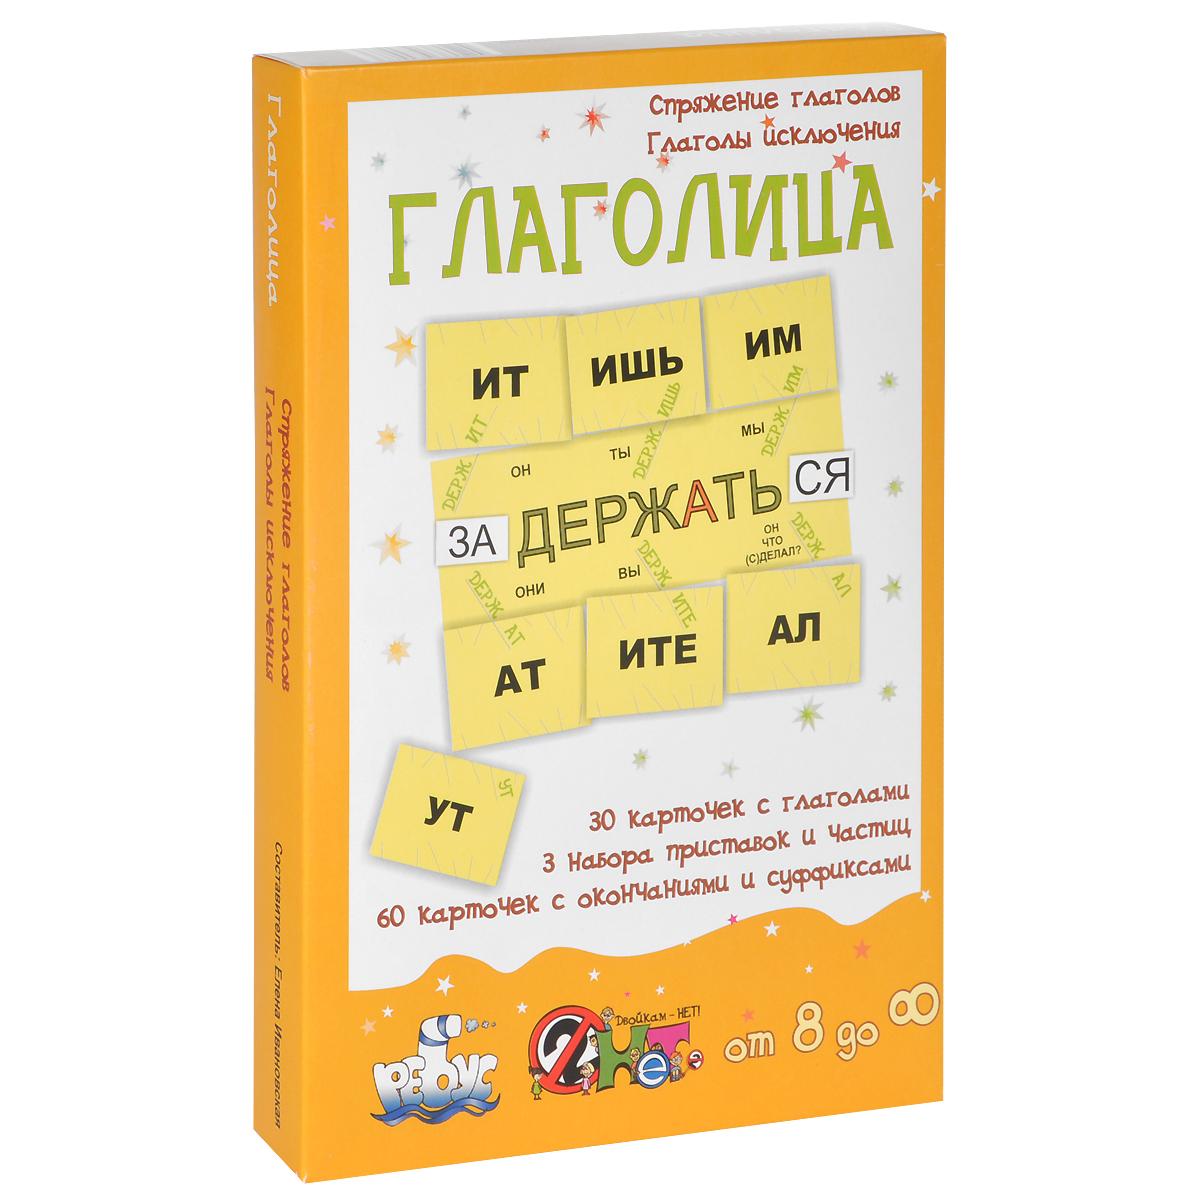 Глаголица. Набор карточек12296407Предлагаем Вашему вниманию набор из 30 карточек с глаголами, 60 карточек с окончаниями и 3 наборов приставок и частиц. Размер одной карточки с глаголами: 19,5 см х 7 см. Карточки с окончаниями выполнены из картона и расположены на листах, из которых надо выдавить их. Размер одного листа с карточками: 14,5 см х 16 см. Размер одной карточки с окончанием: 6,5 см х 5 см. Белые карточки с предлогами и частицами дают возможность образовать новые глаголы и обратить внимание игроков, что спрягаются они так же, как базисный глагол. Это поможет в будущем видеть глаголы исключения за маской изменений. Карточки находятся на разрезаемых листах. Размер одного листа: 19,5 см х 7 см. Средний размер карточки: 4,5 см х 2,5 см. Карточки упакованы в картонную коробку. Размер коробки: 18 см х 26,5 см х 3,5 см.